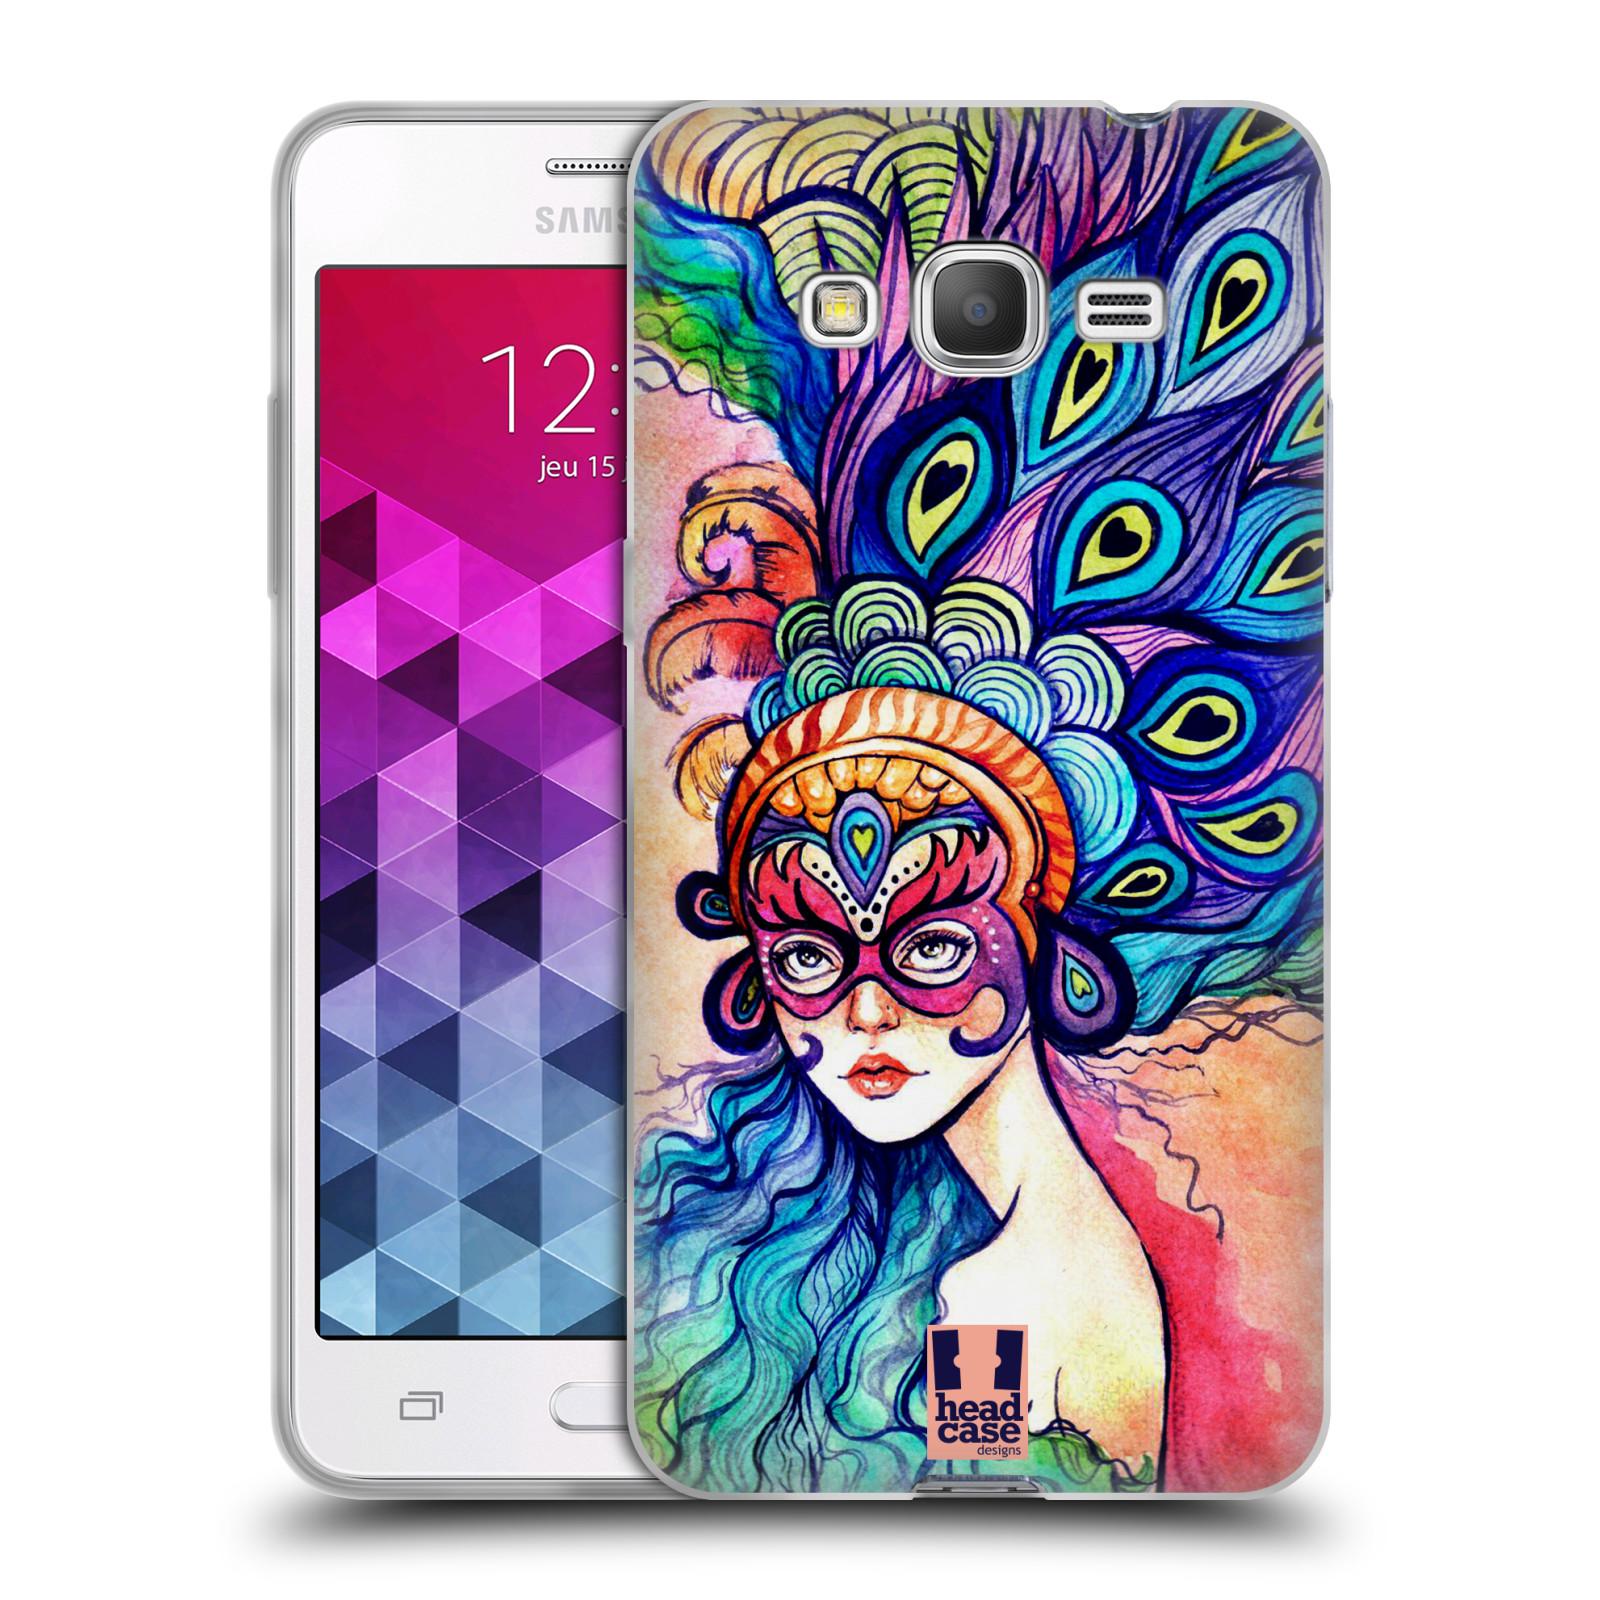 HEAD CASE silikonový obal na mobil Samsung Galaxy GRAND PRIME vzor Maškarní ples masky kreslené vzory MODRÉ PÍRKA